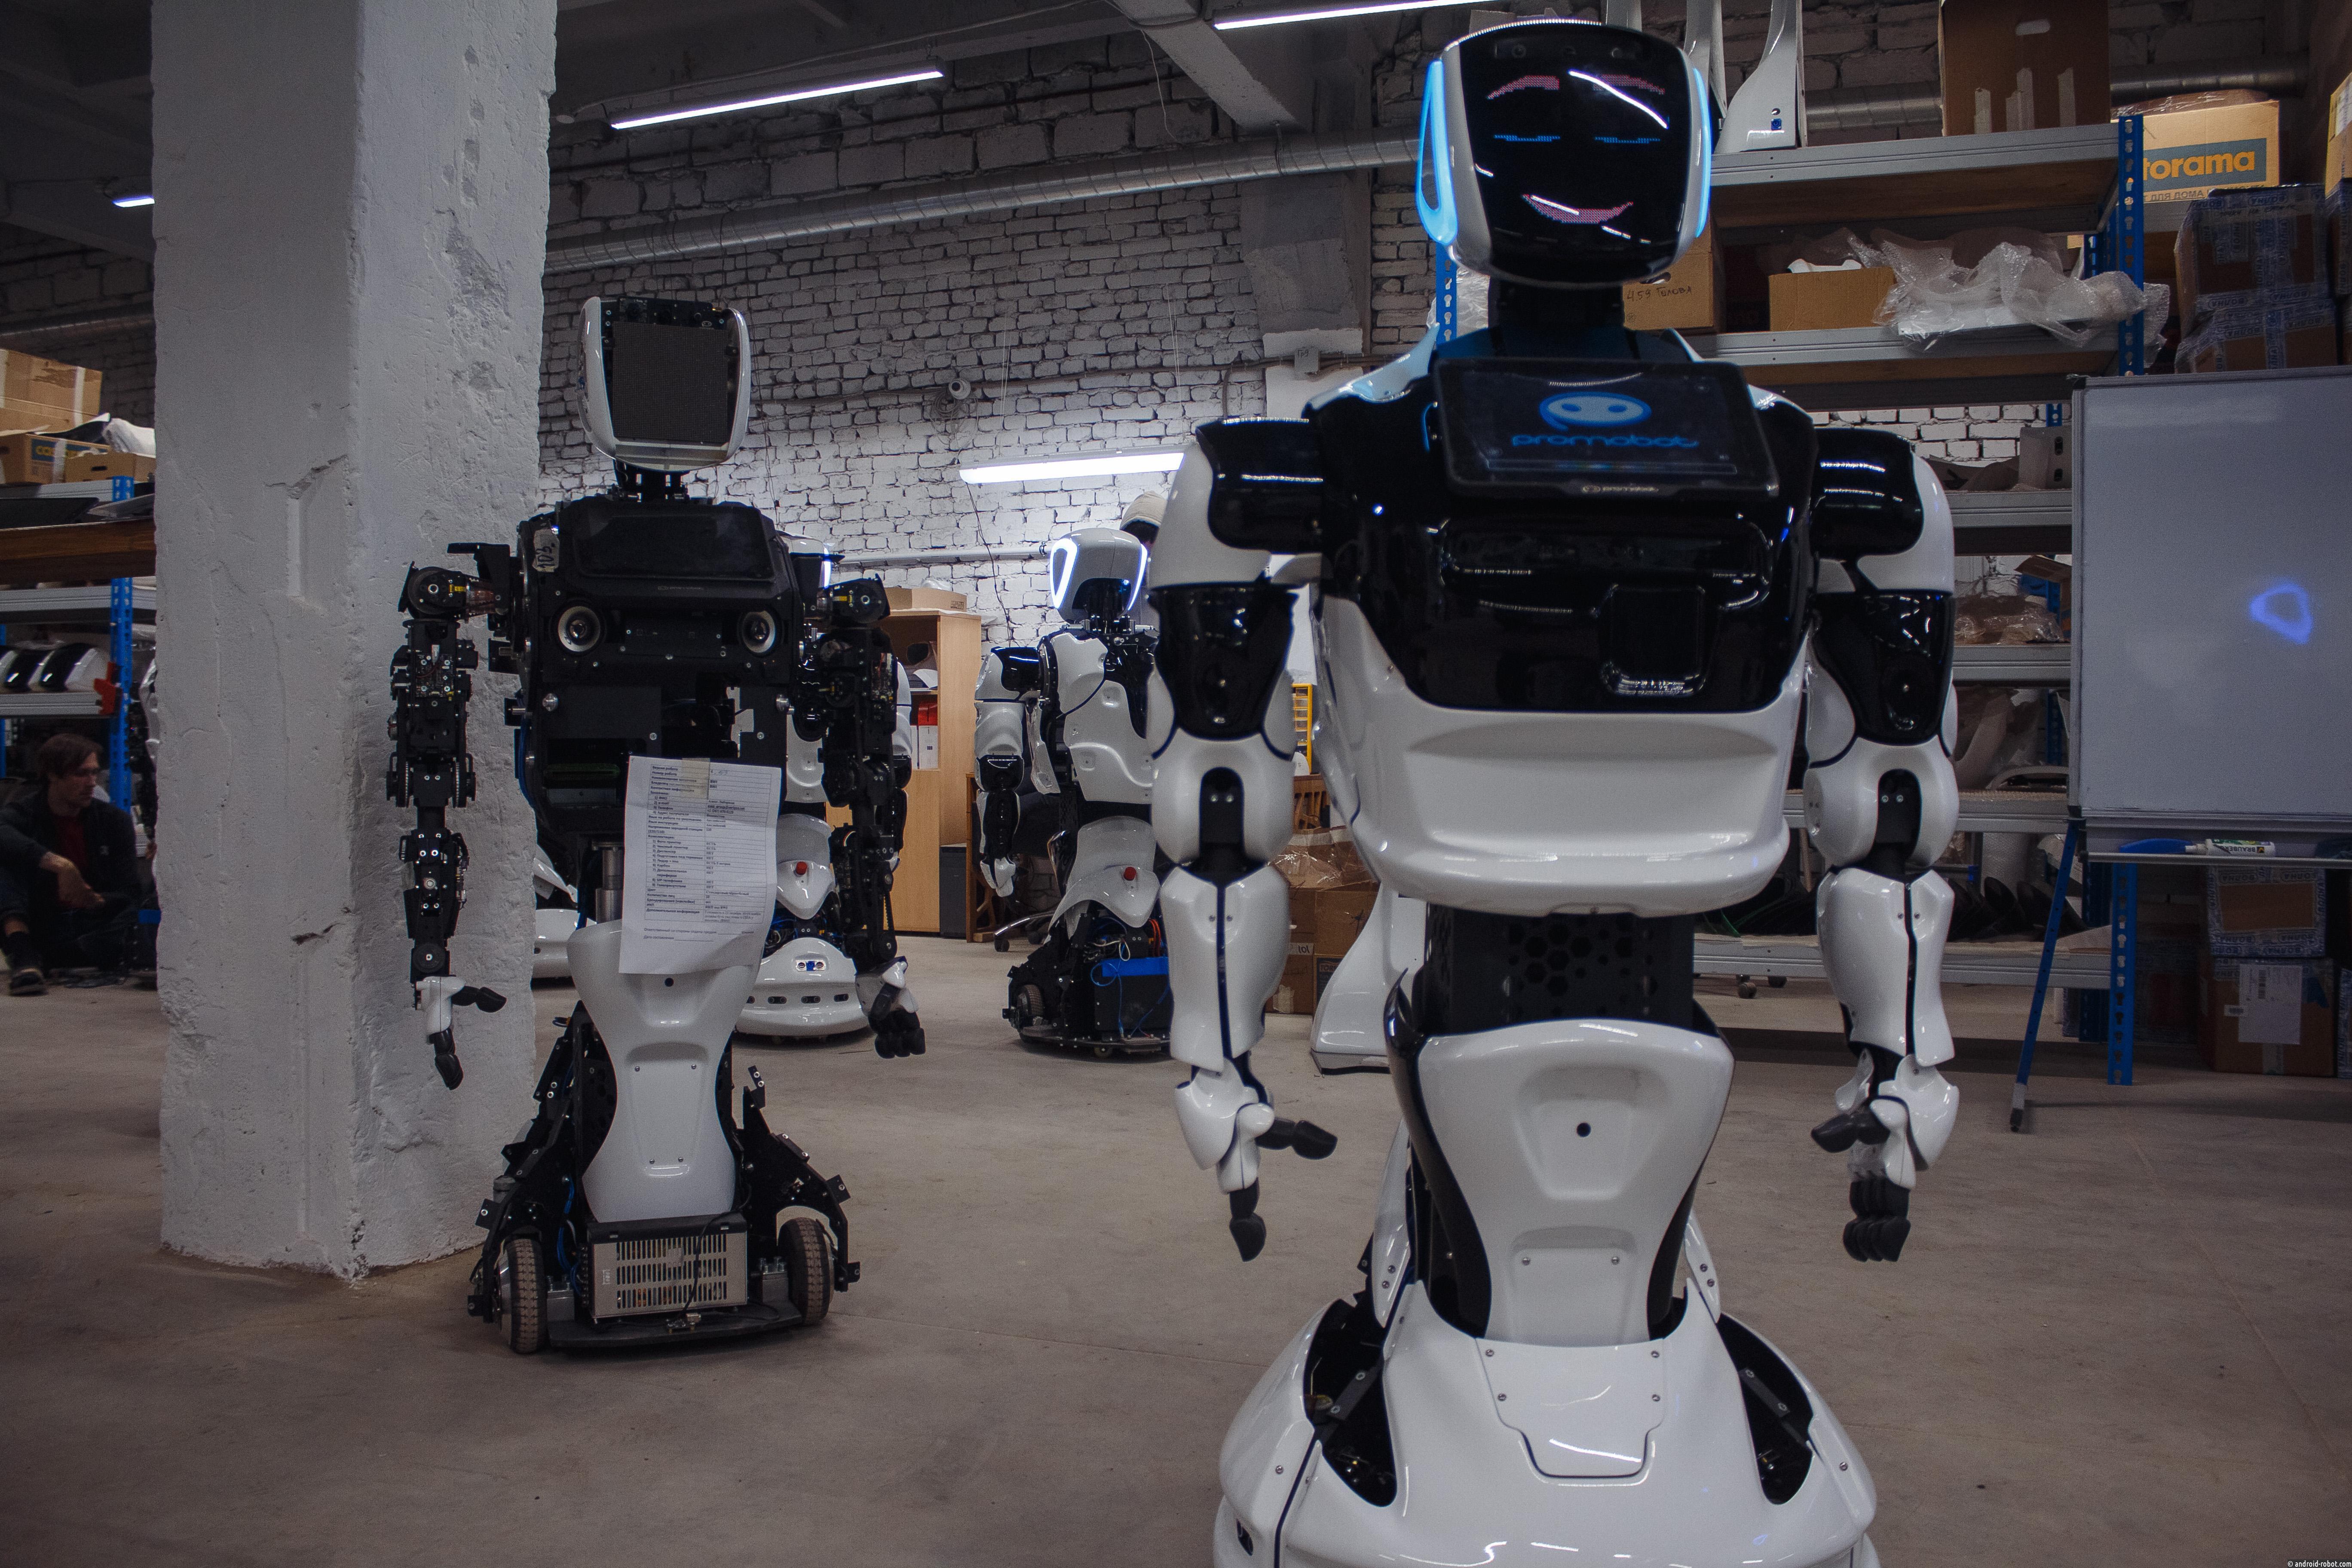 Российский производитель роботов увеличивает производственные мощности